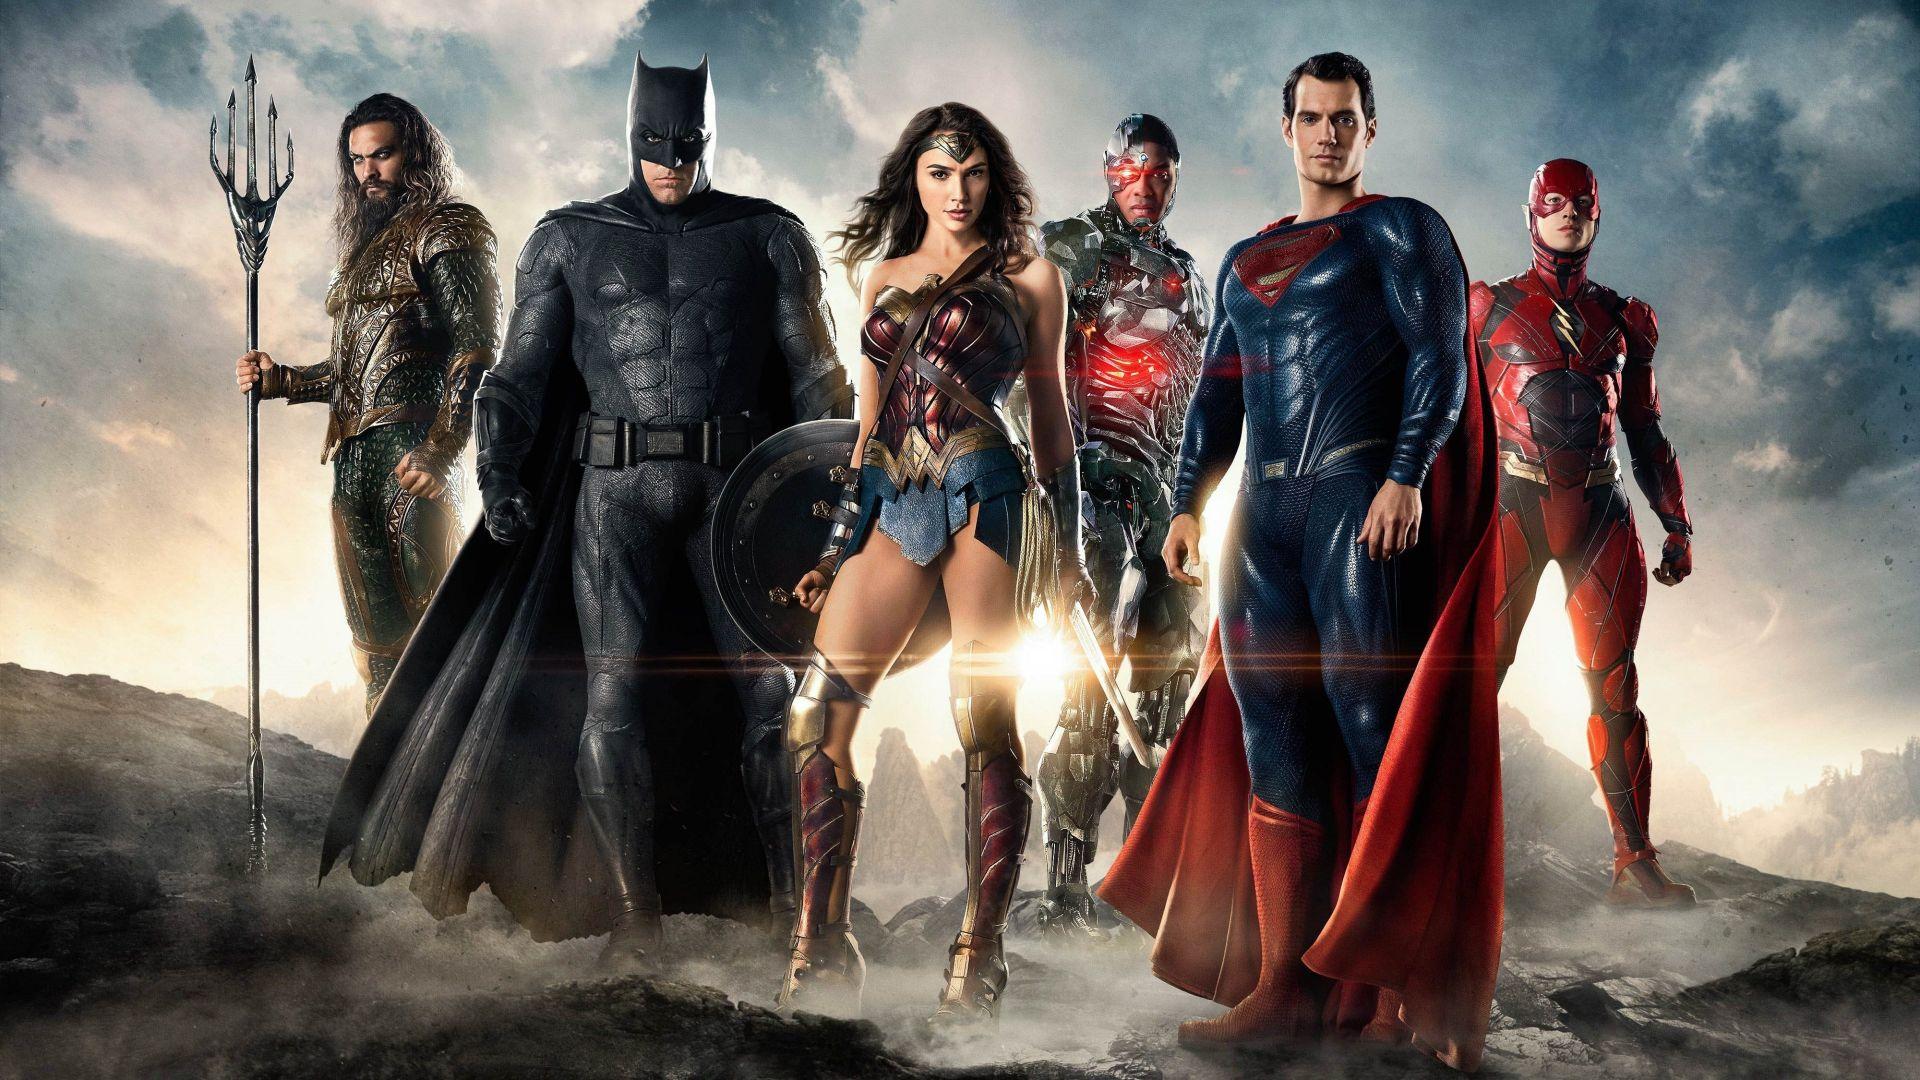 Wonder Woman Justice League 4k Fan Art Hd Movies 4k: Wallpaper Justice League, Movie, Batman, Wonder Woman, 4k